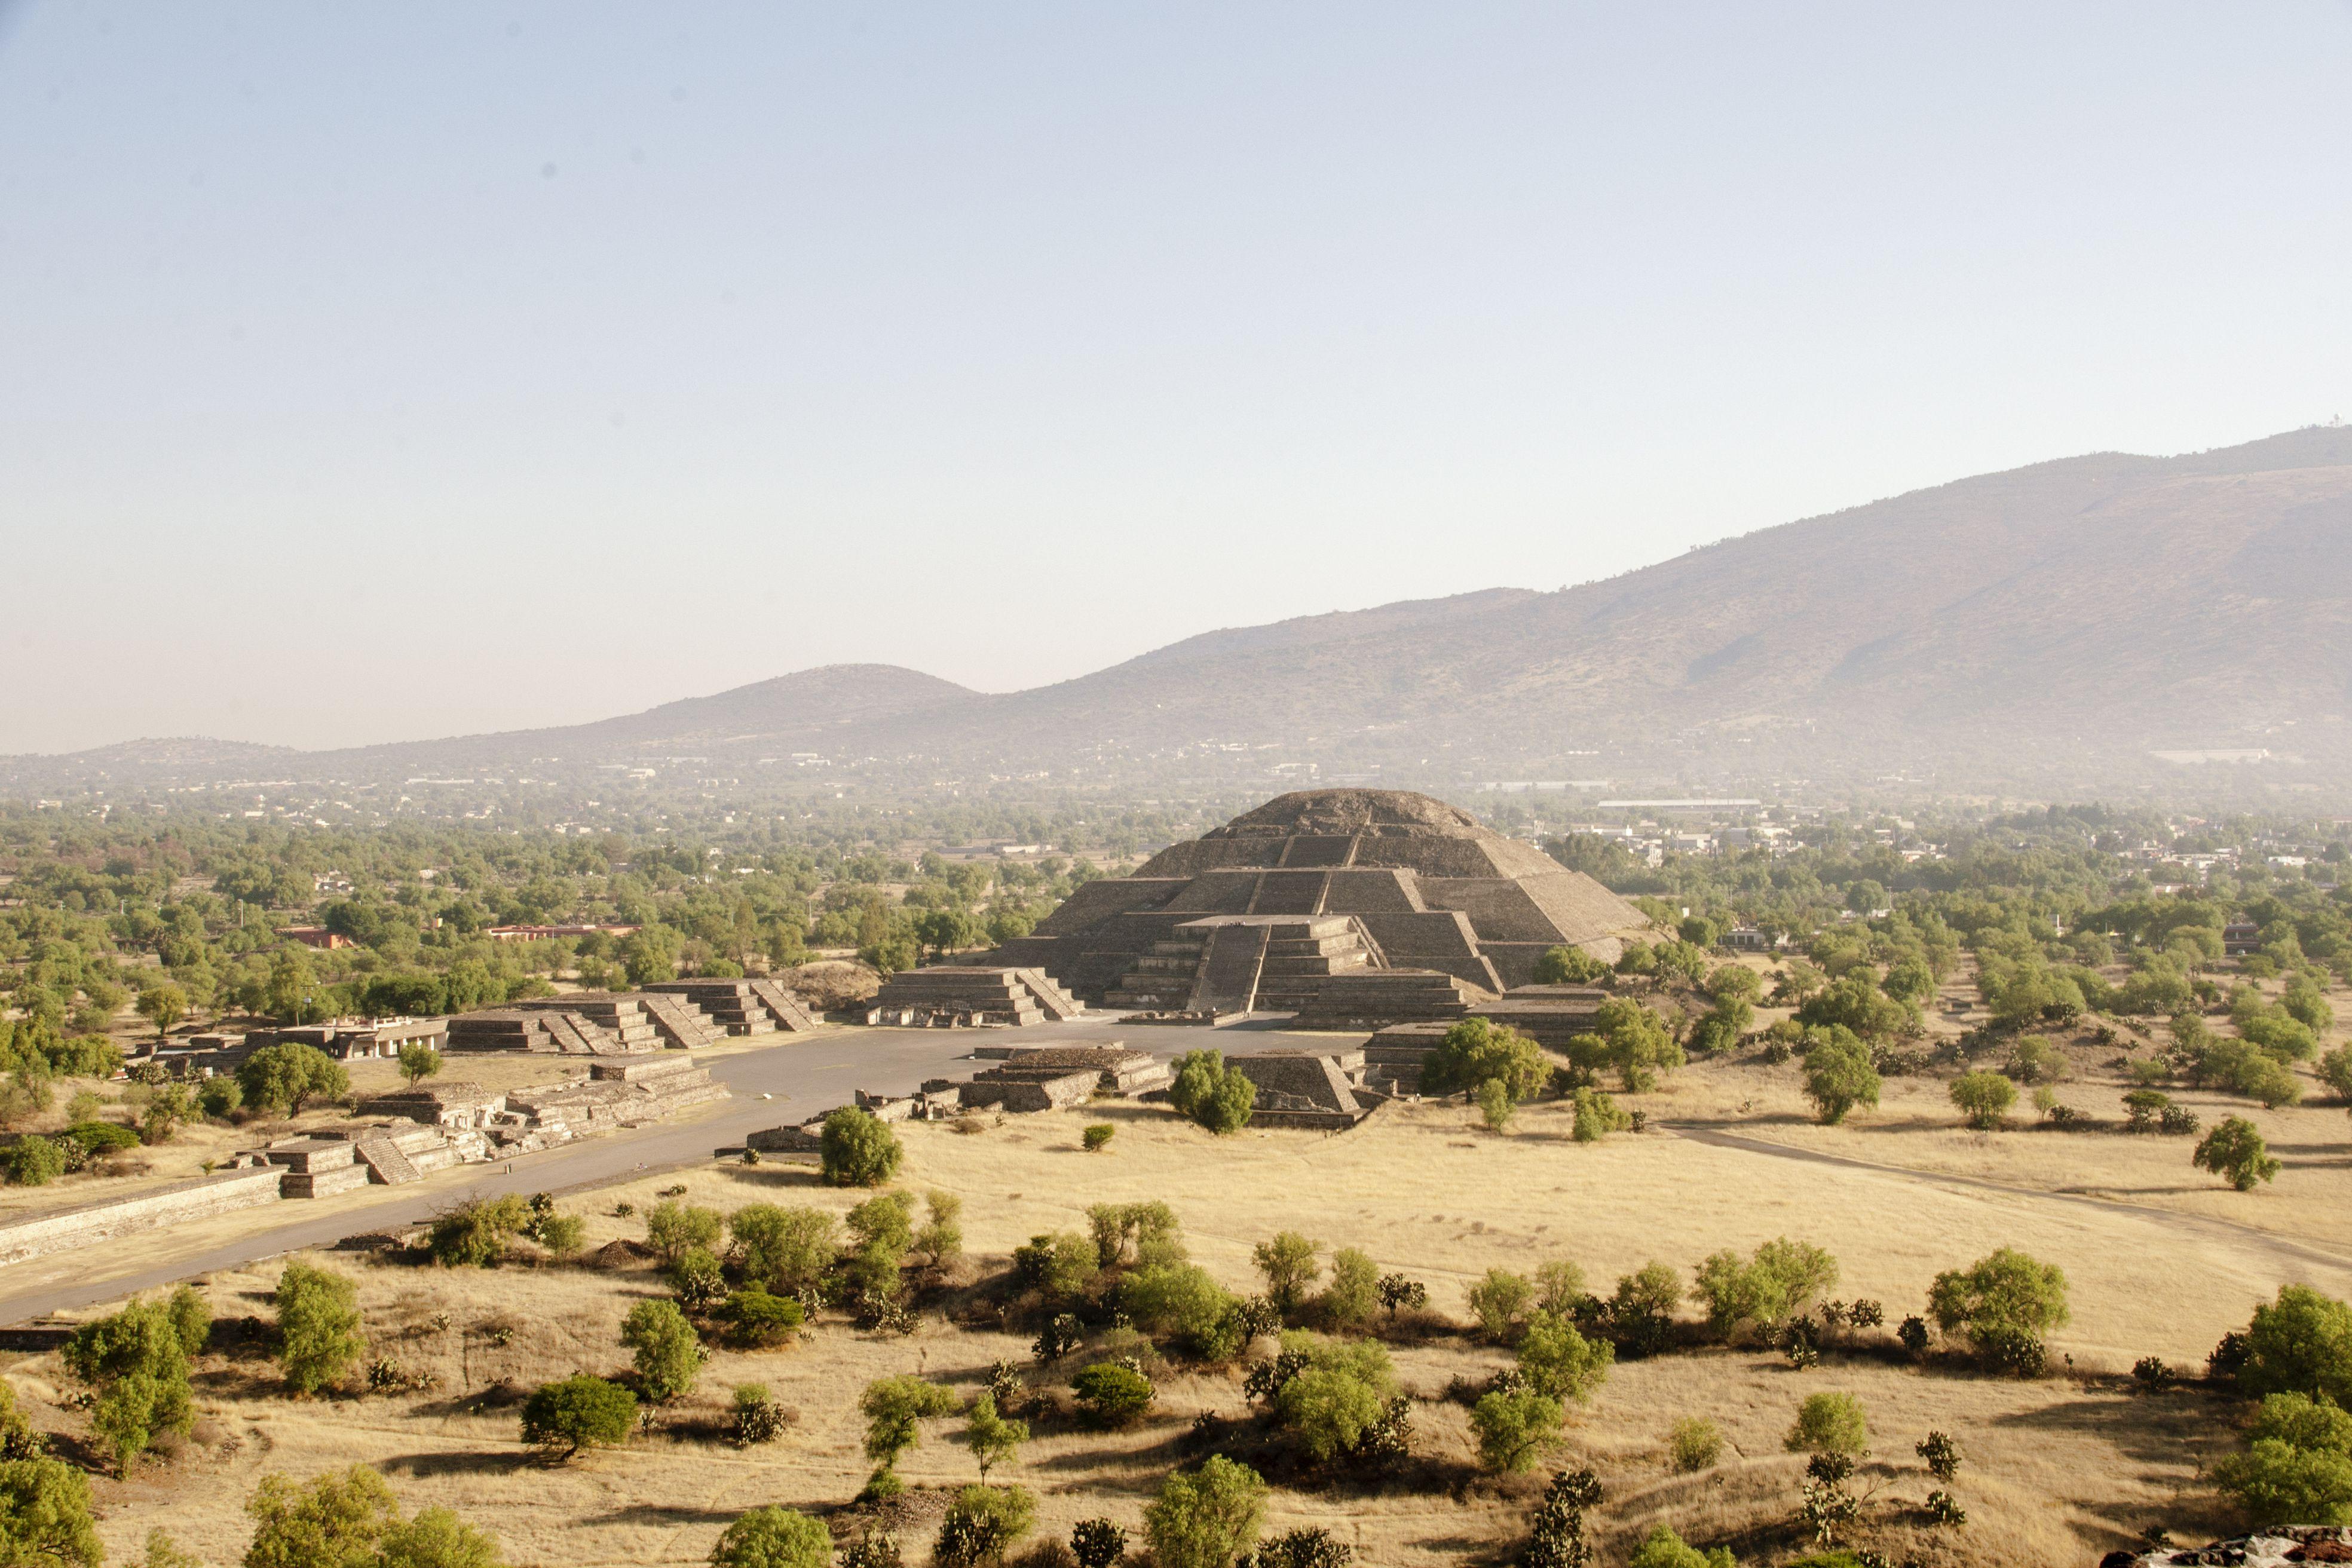 Plano general de la pirámide de la luna y la tierra circundante